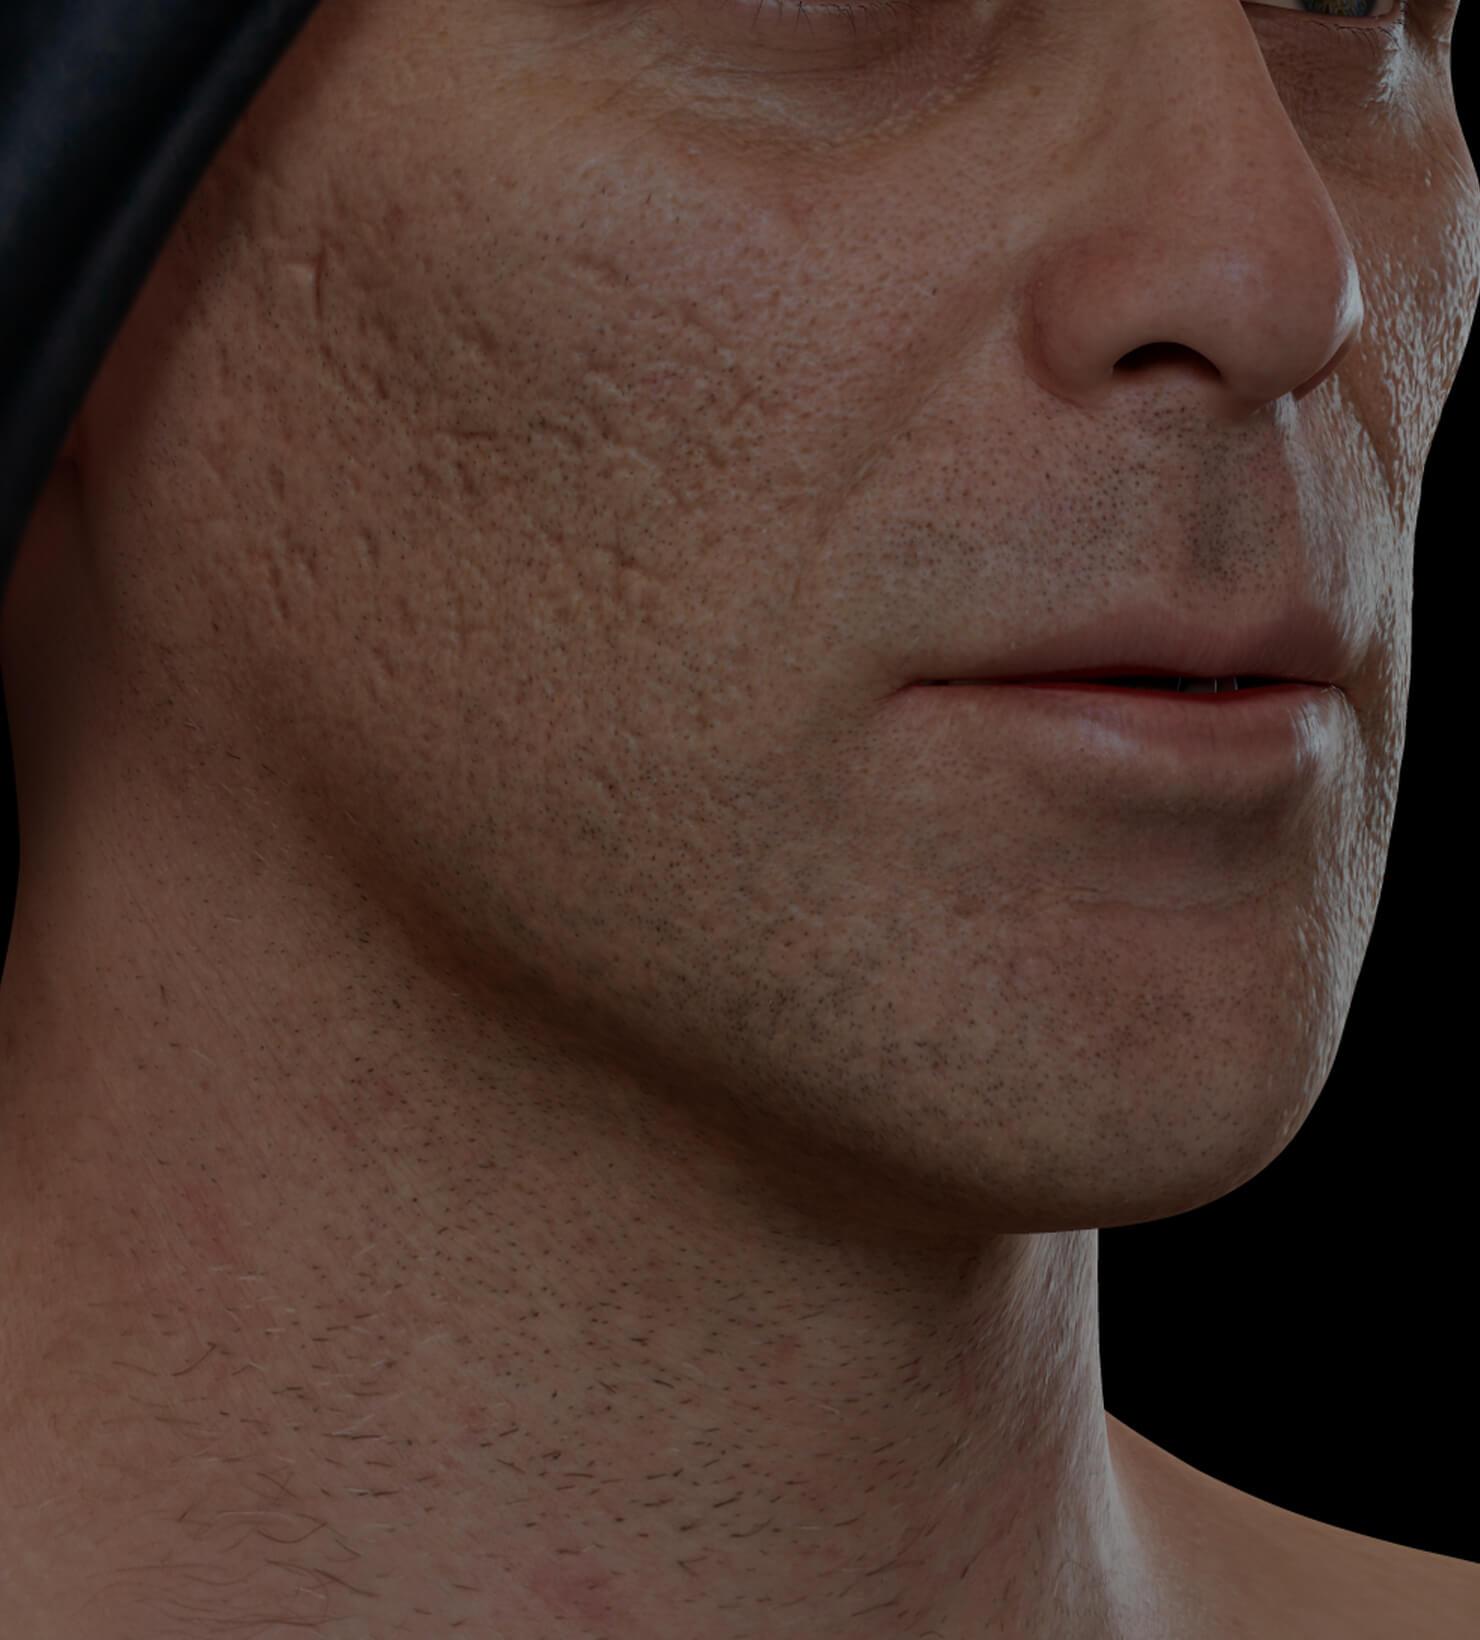 Patient de la Clinique Chloé aux prises avec des cicatrices d'acné traité avec du microneedling